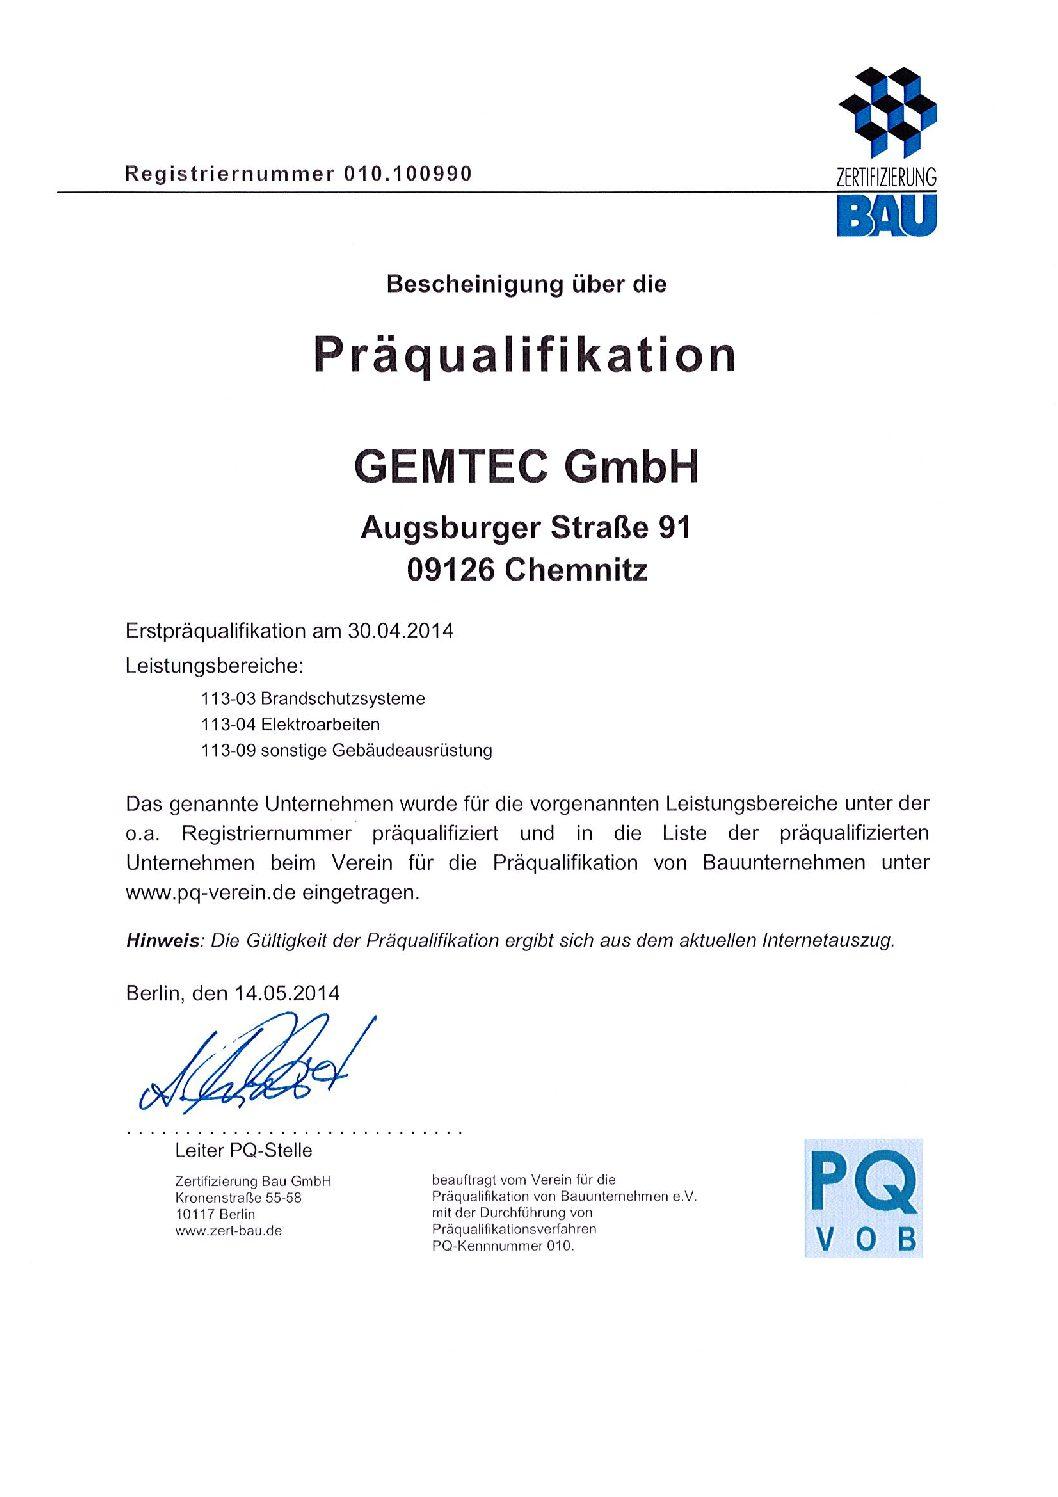 Präqualifizierung Chemnitz